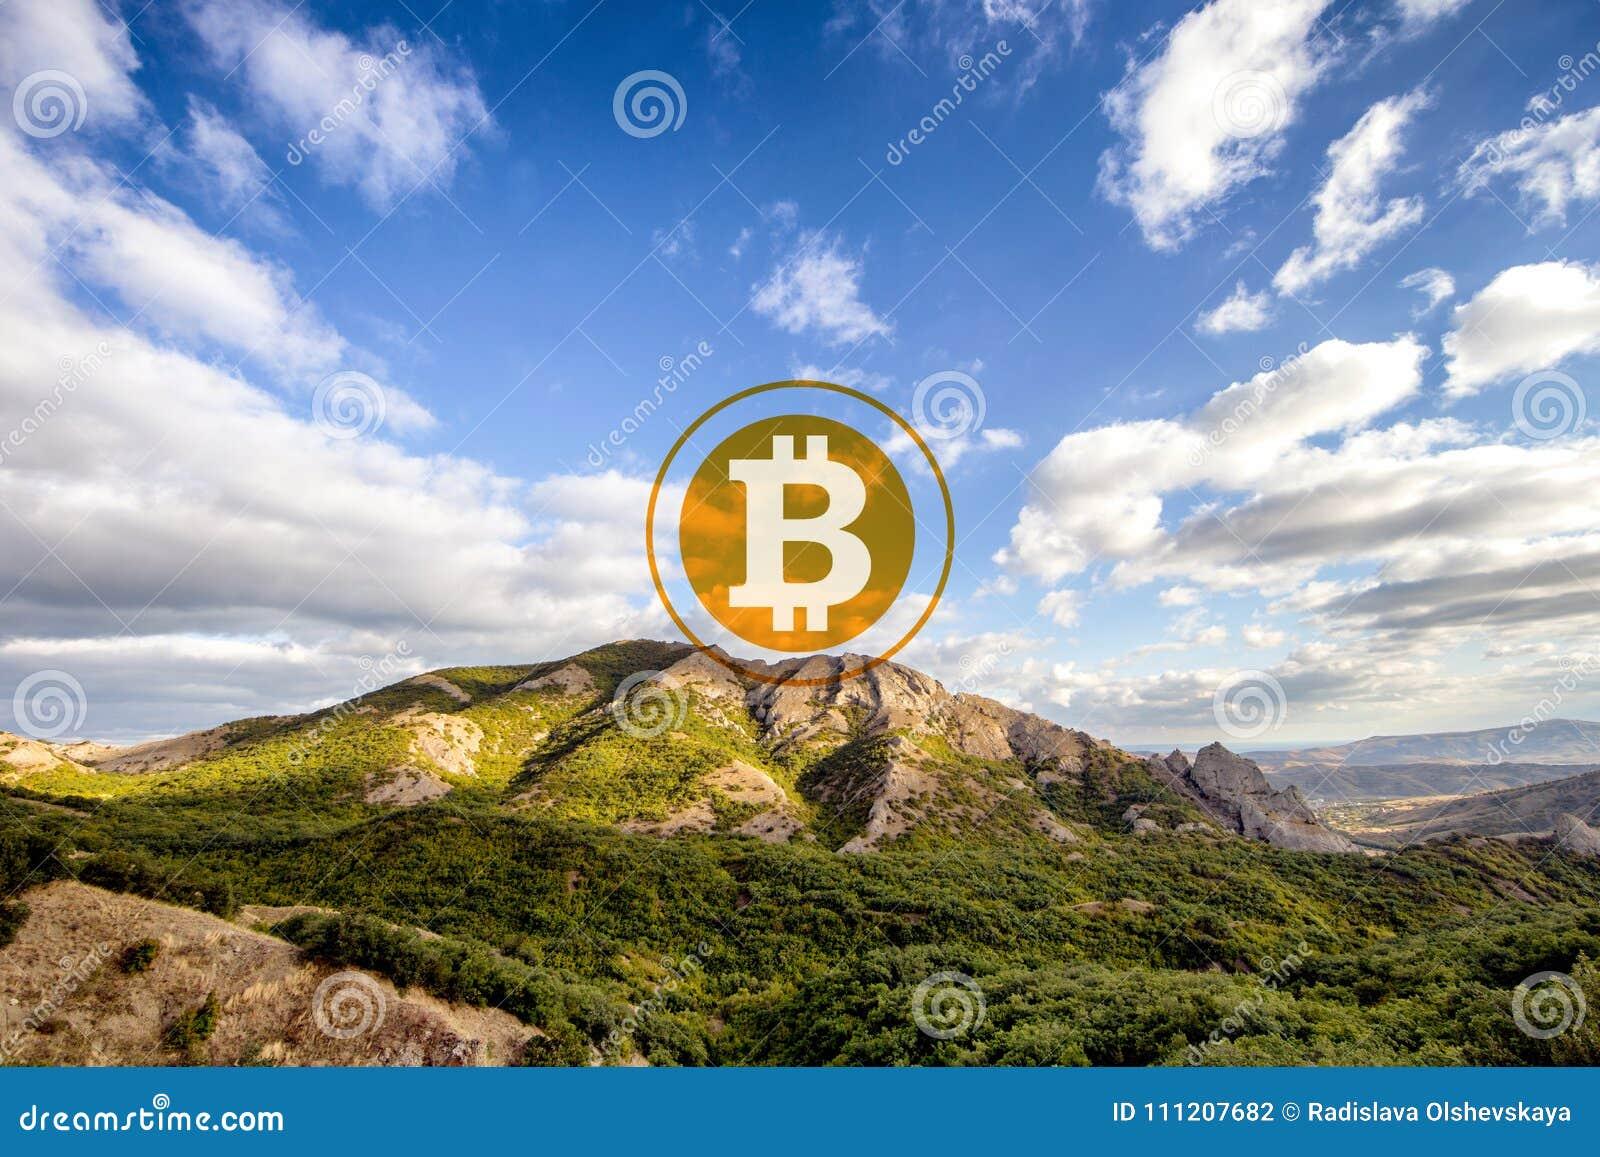 Bitcoin auf eine Gebirgsoberseite